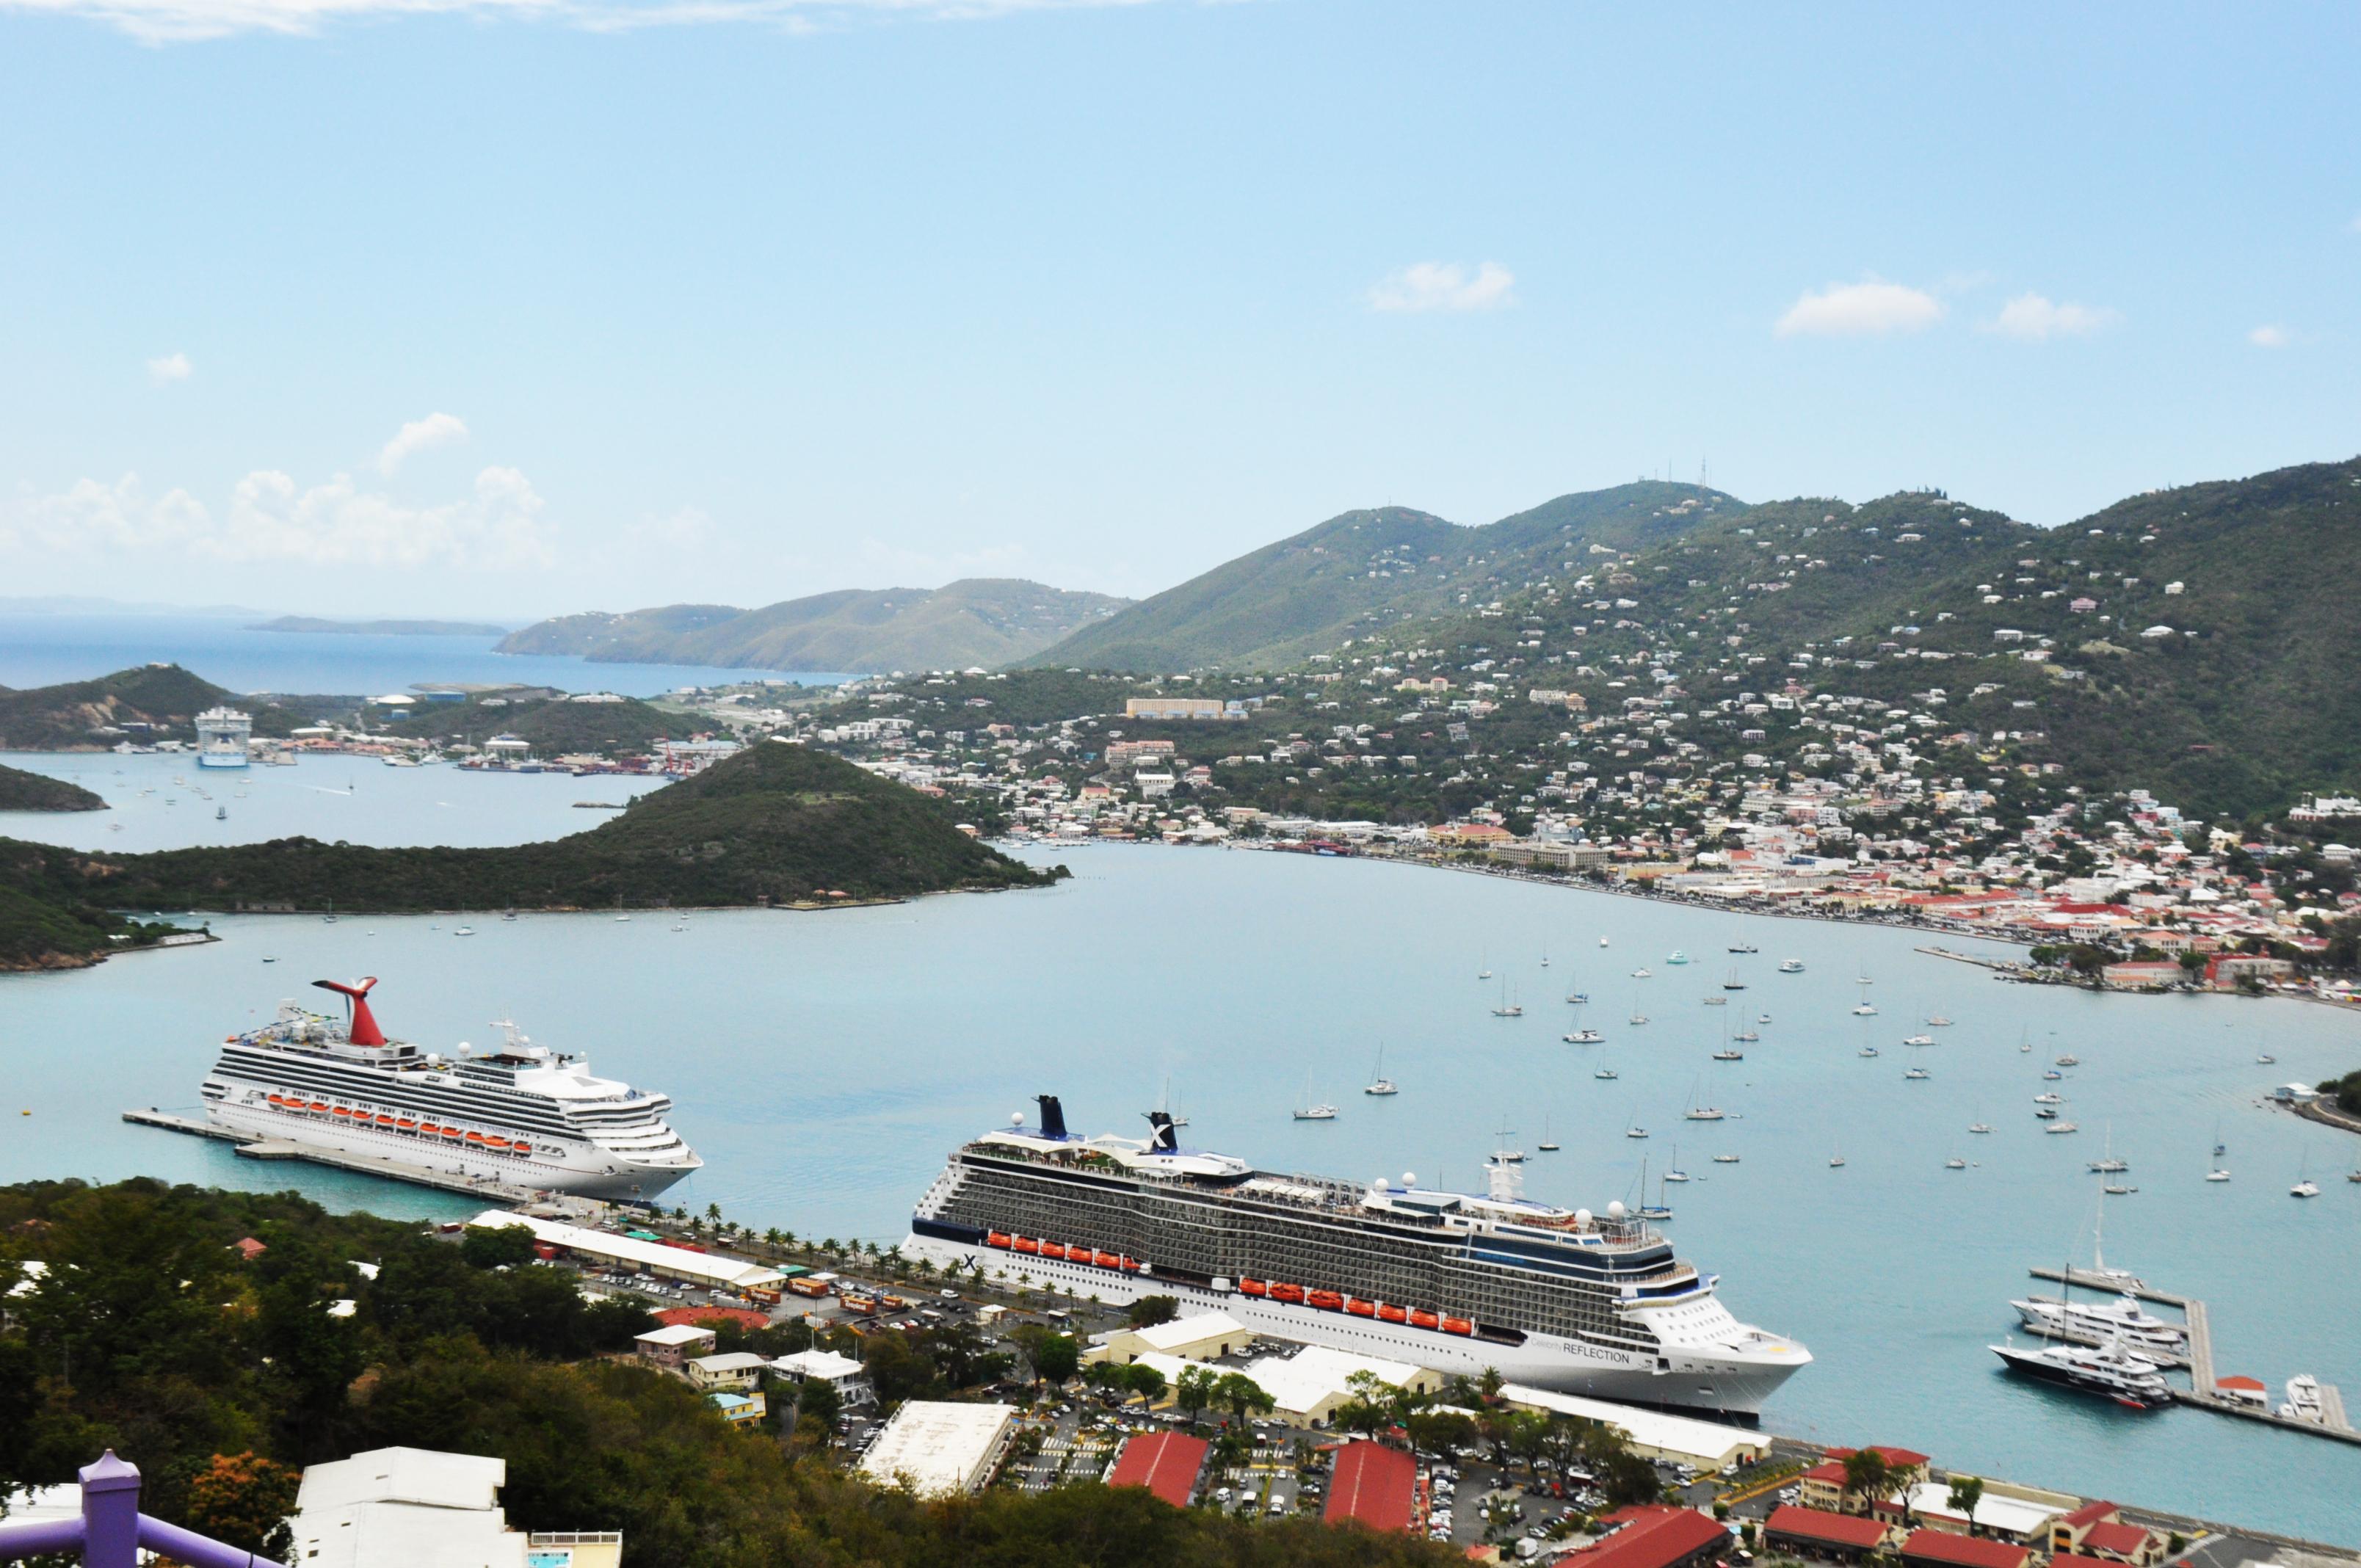 Diario-de-Viagem-Caribe-St-Thomas-Navio-Acho-Tendencia-Giovana-Quaglio-13